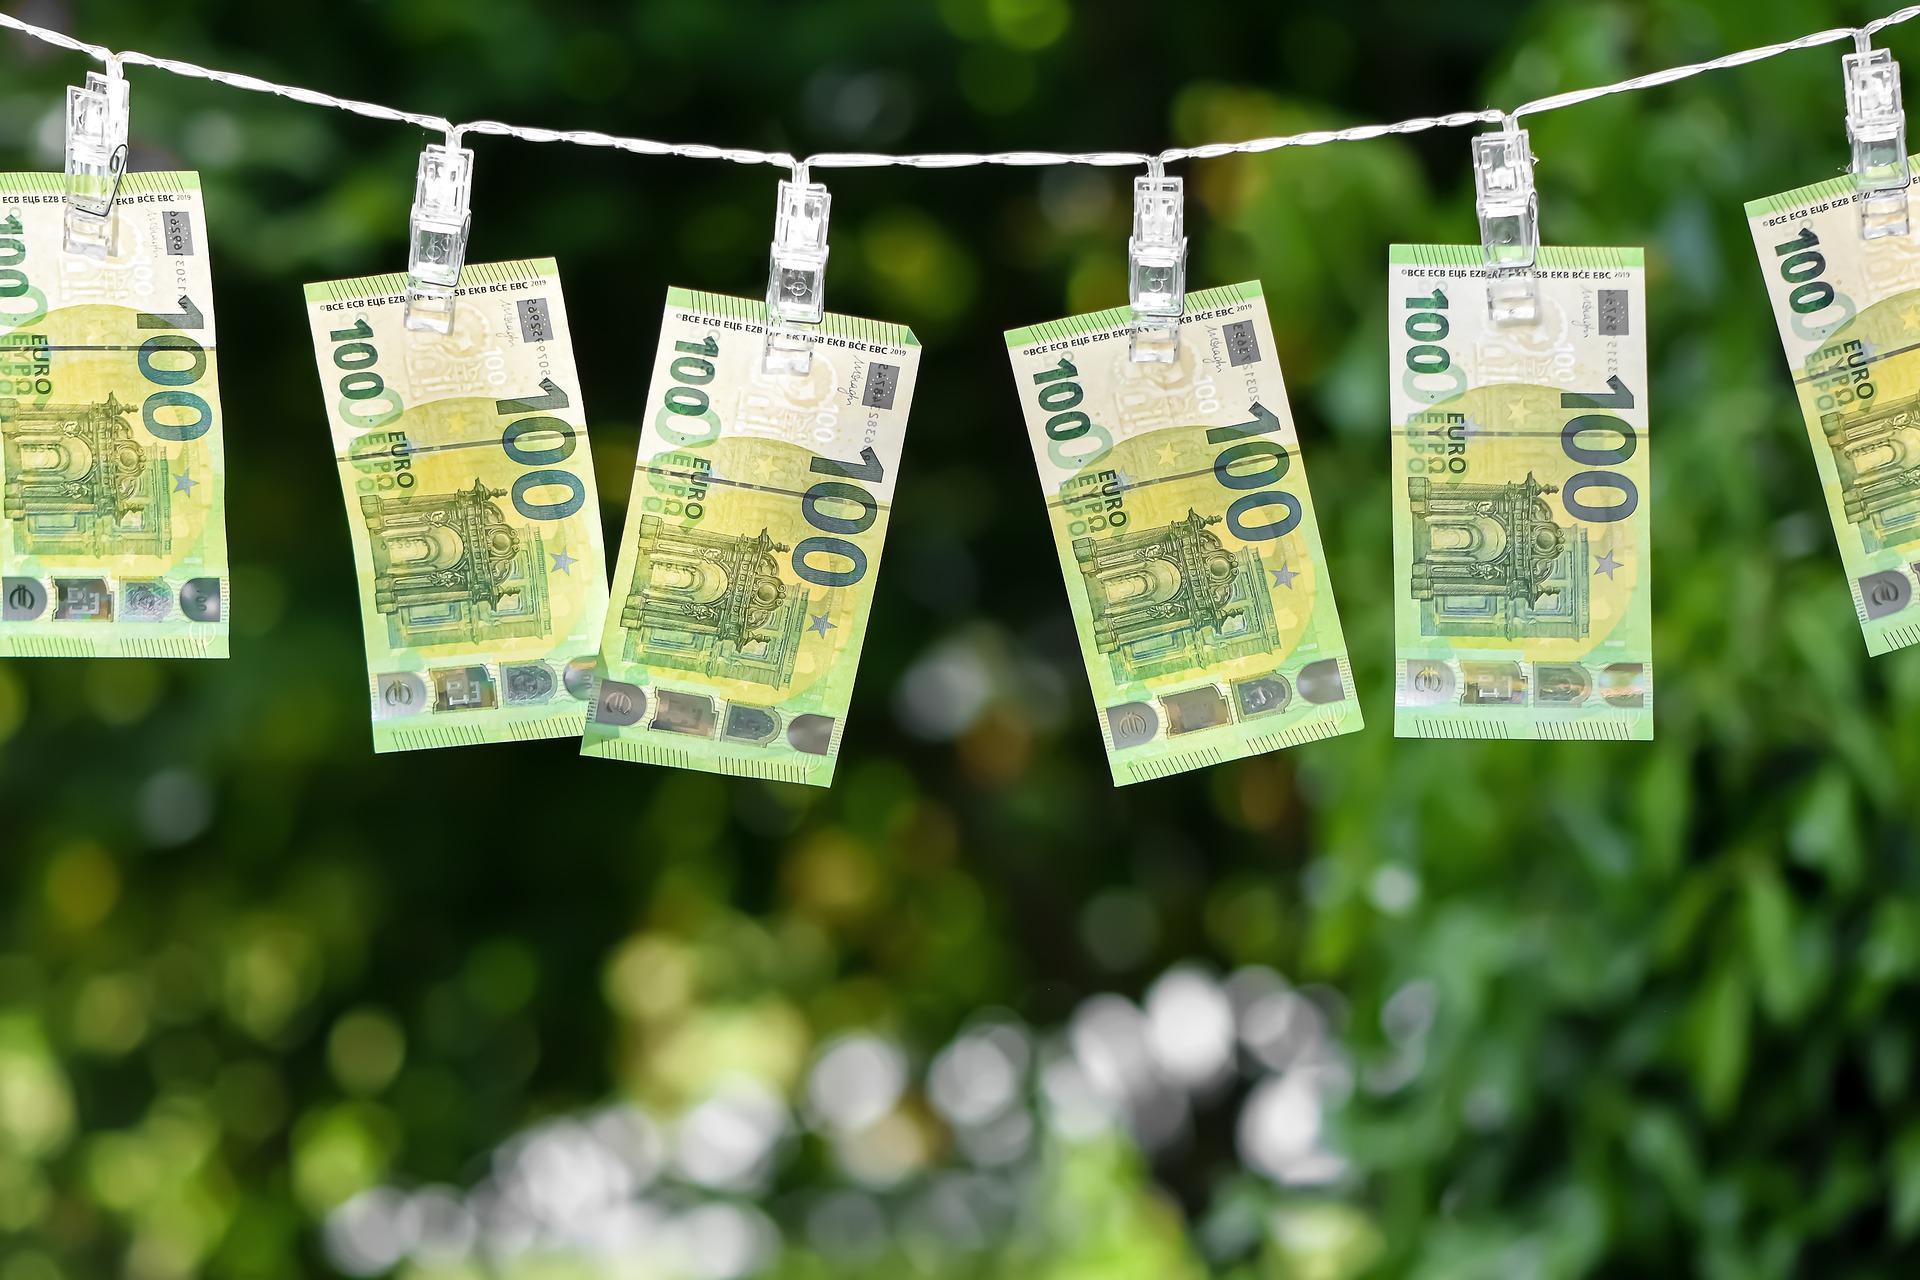 Campagne: 'Blijf Alert' waarschuwt ondernemers voor fout geld